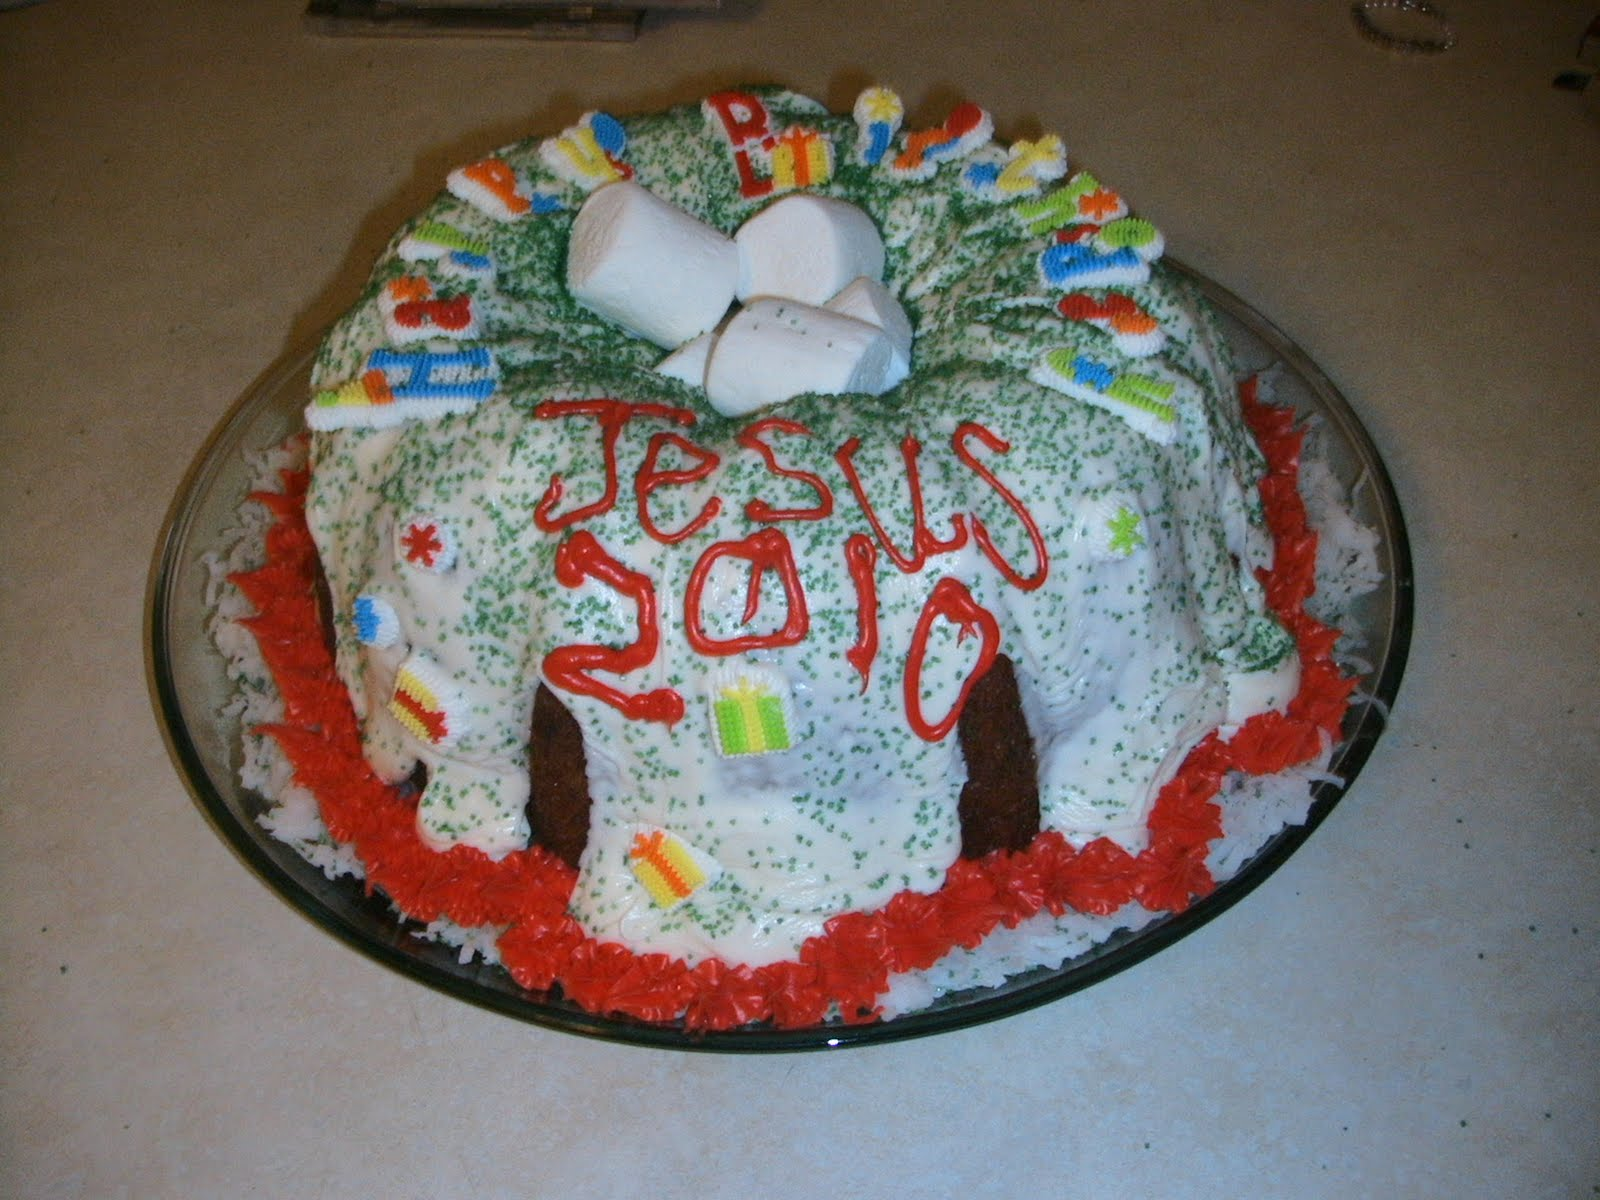 Happy Birthday Jesus 2010